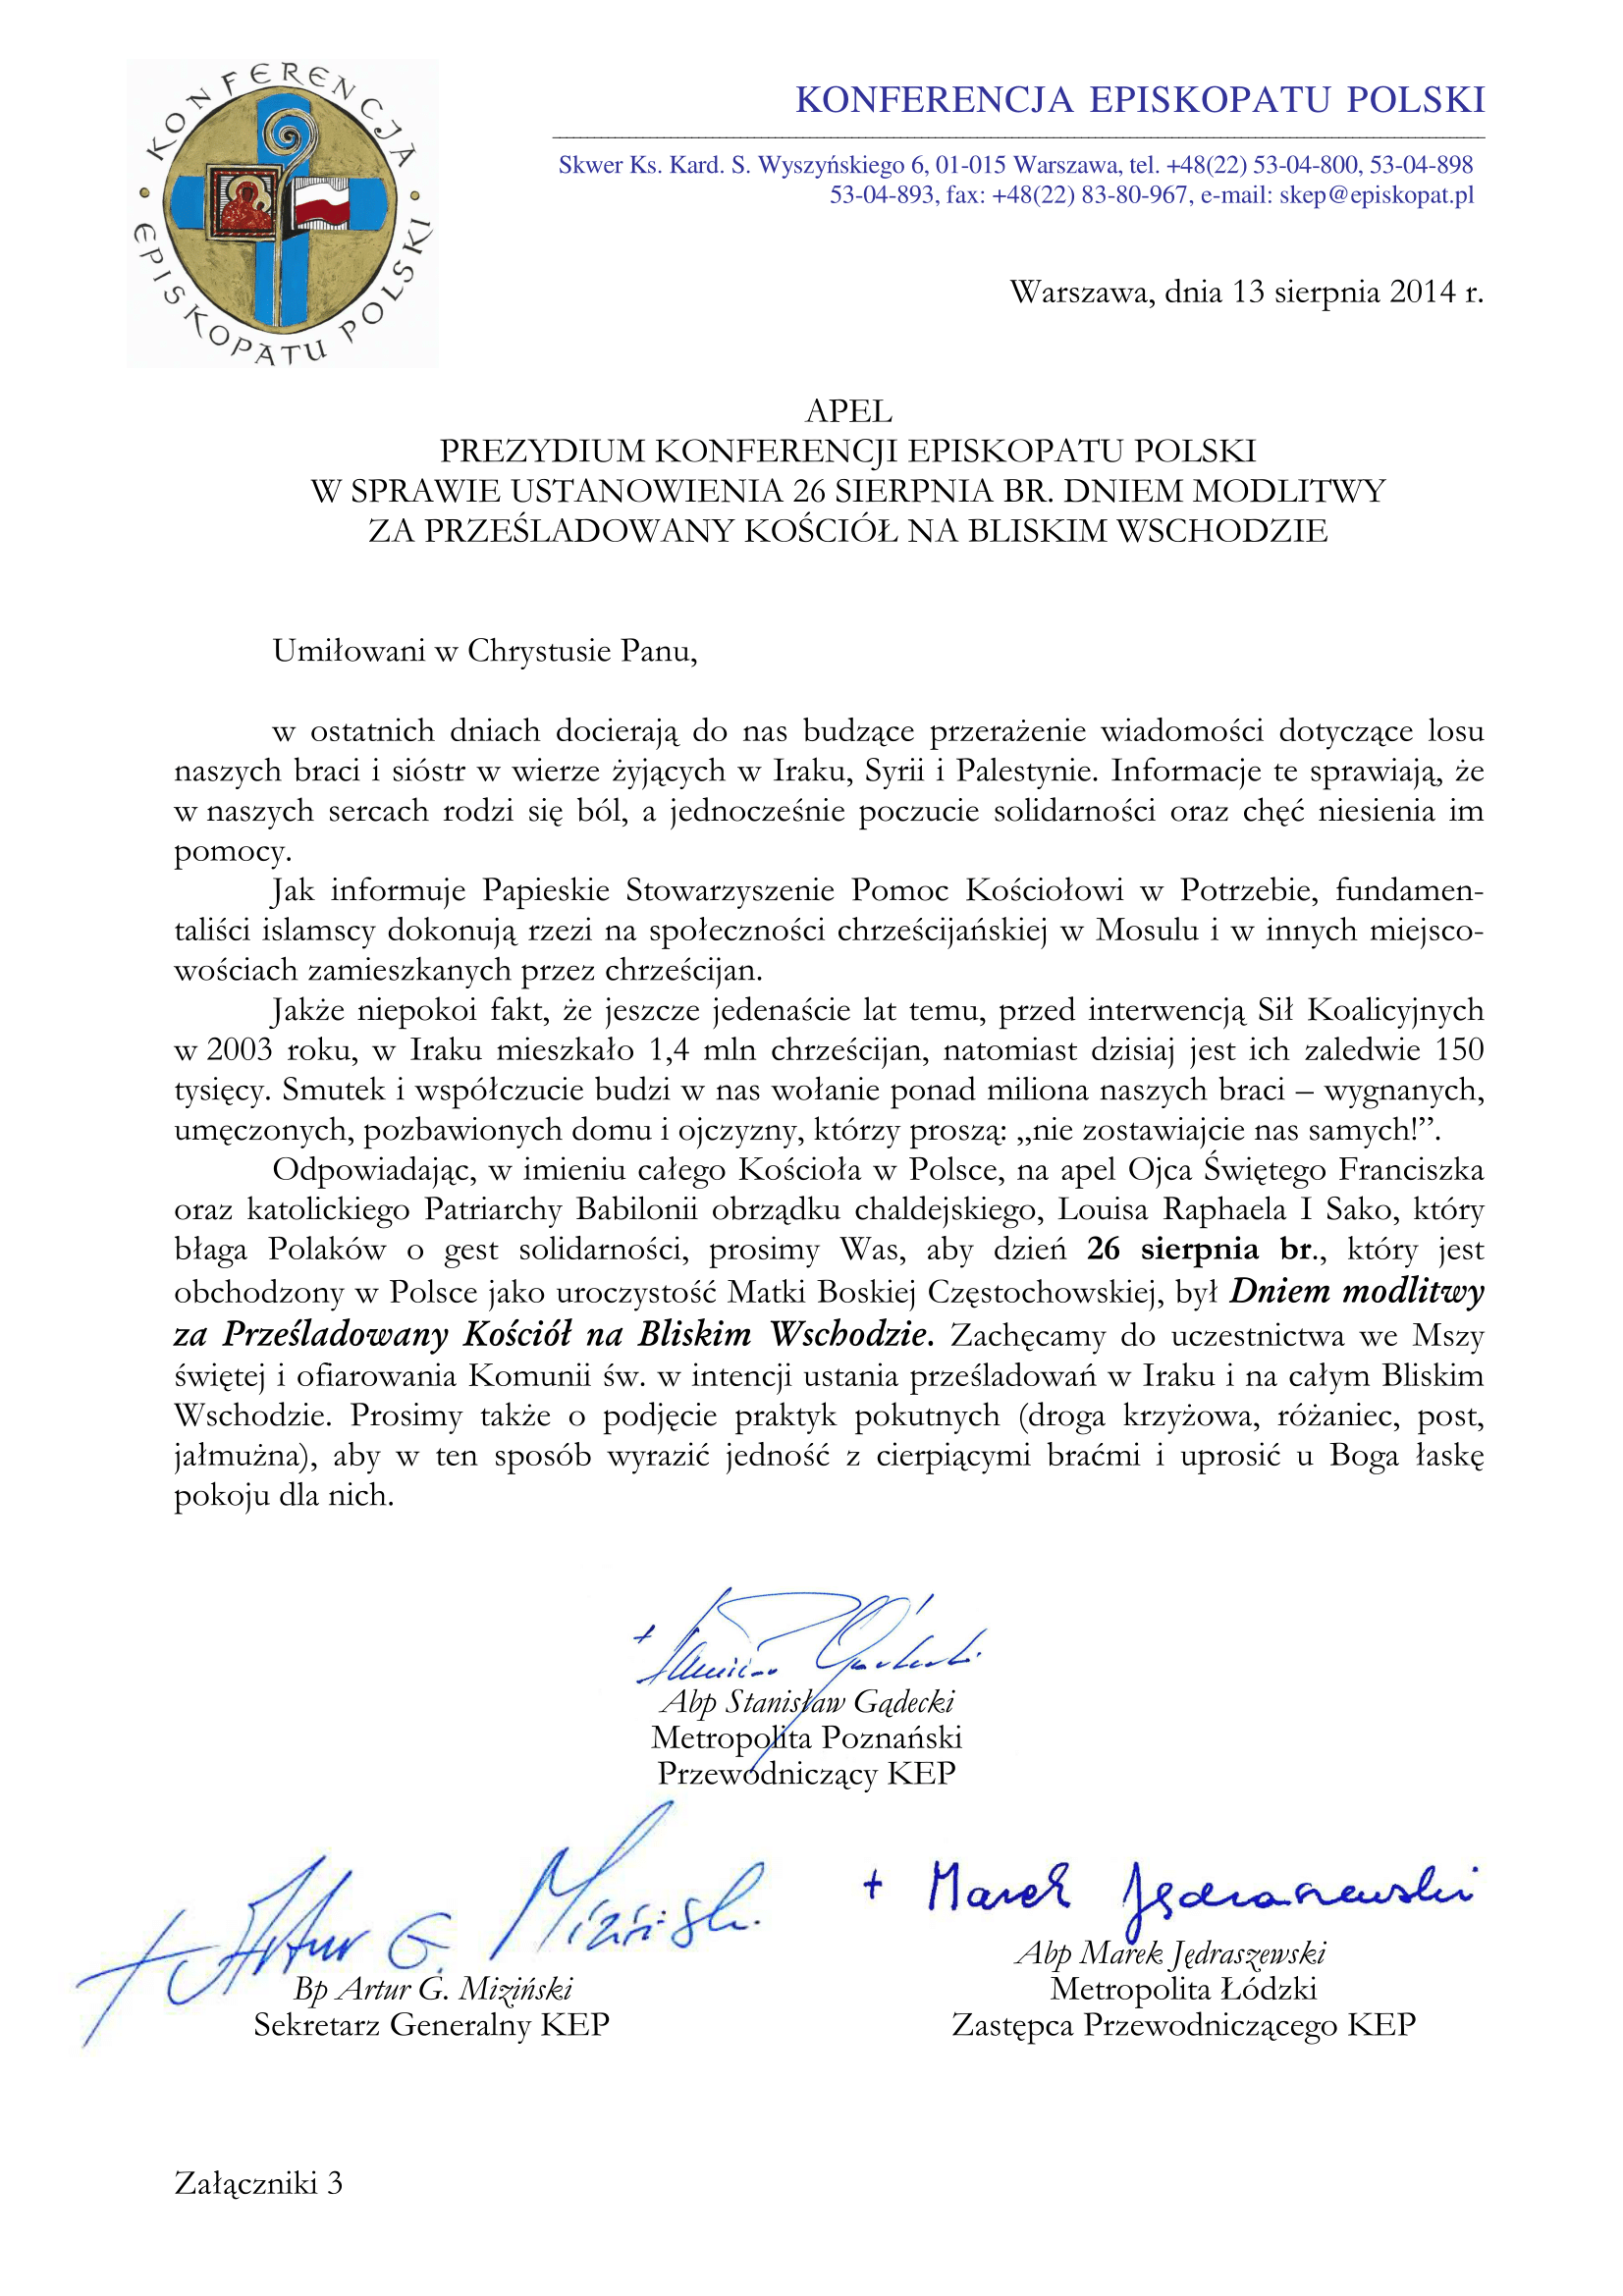 Apel Prezydium Konferencji Episkopatu Polski